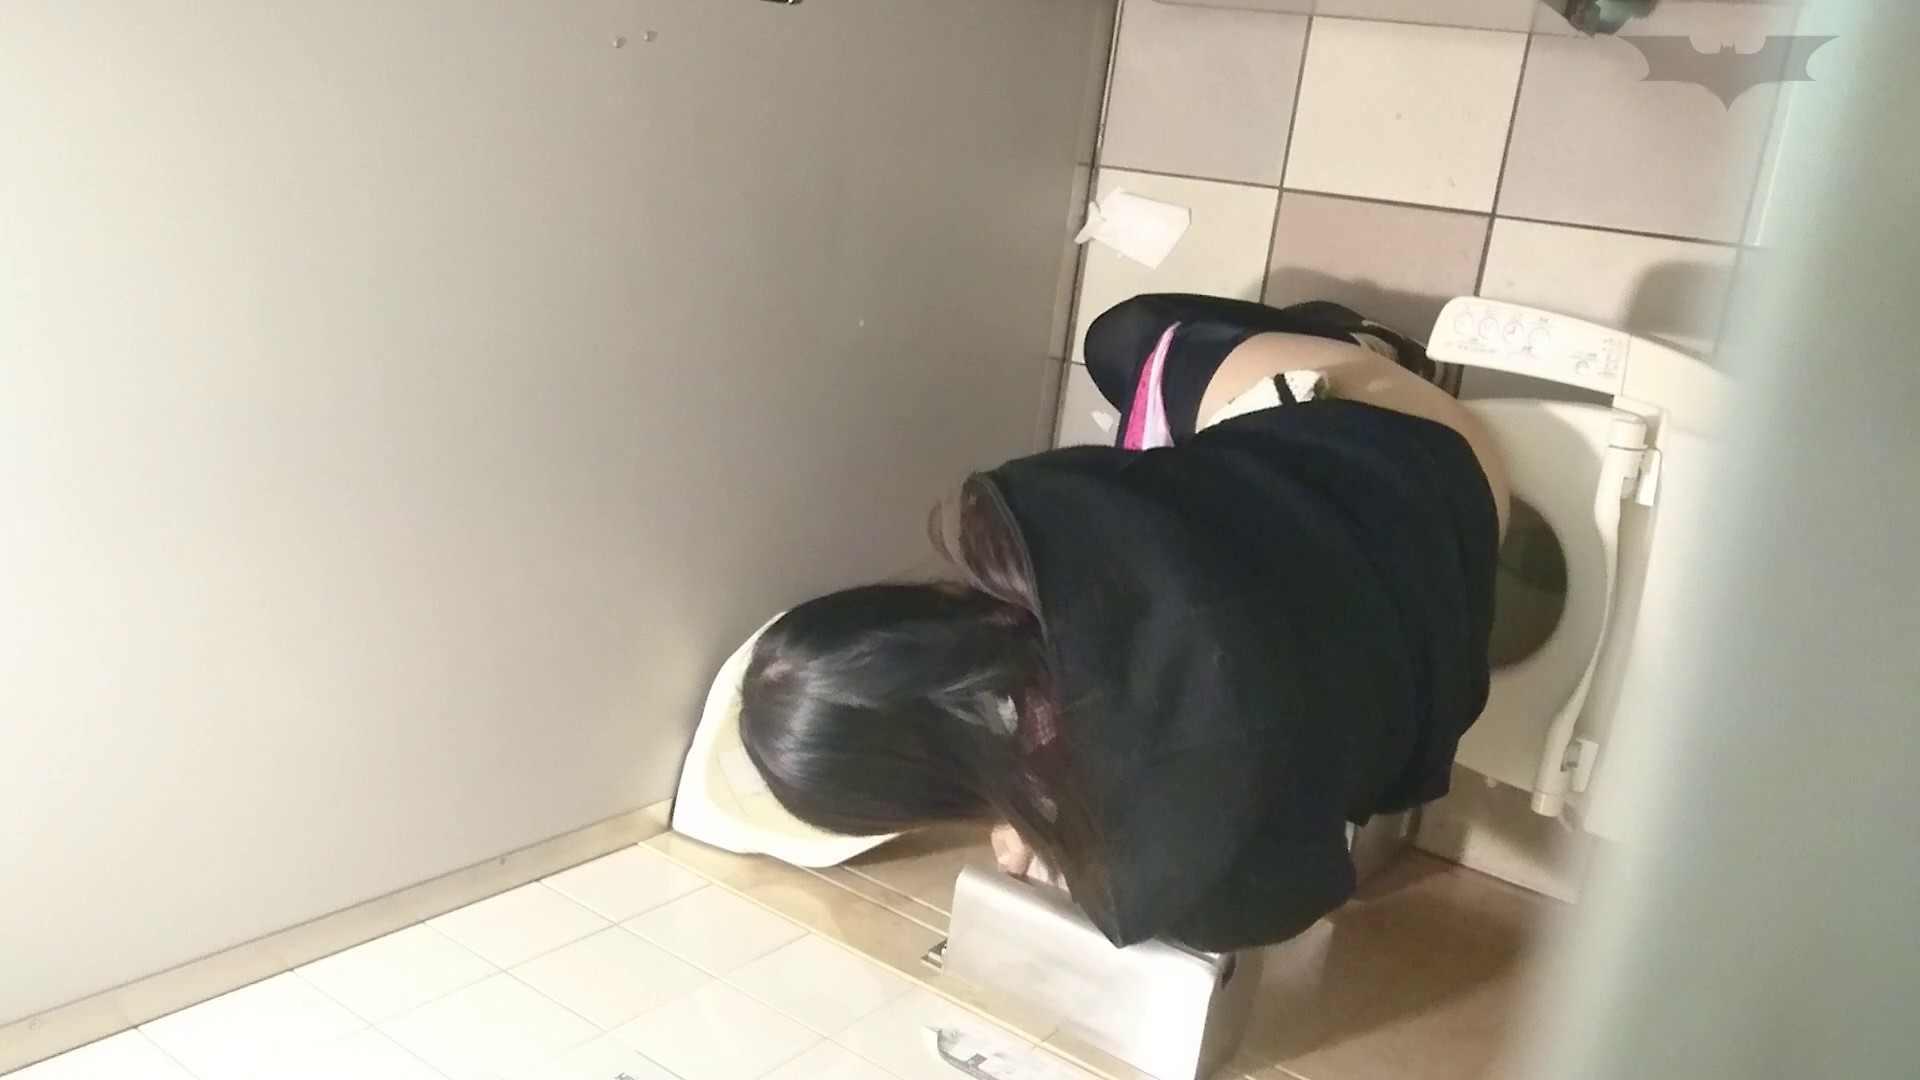 化粧室絵巻 ショッピングモール編 VOL.14 OLハメ撮り  93Pix 36